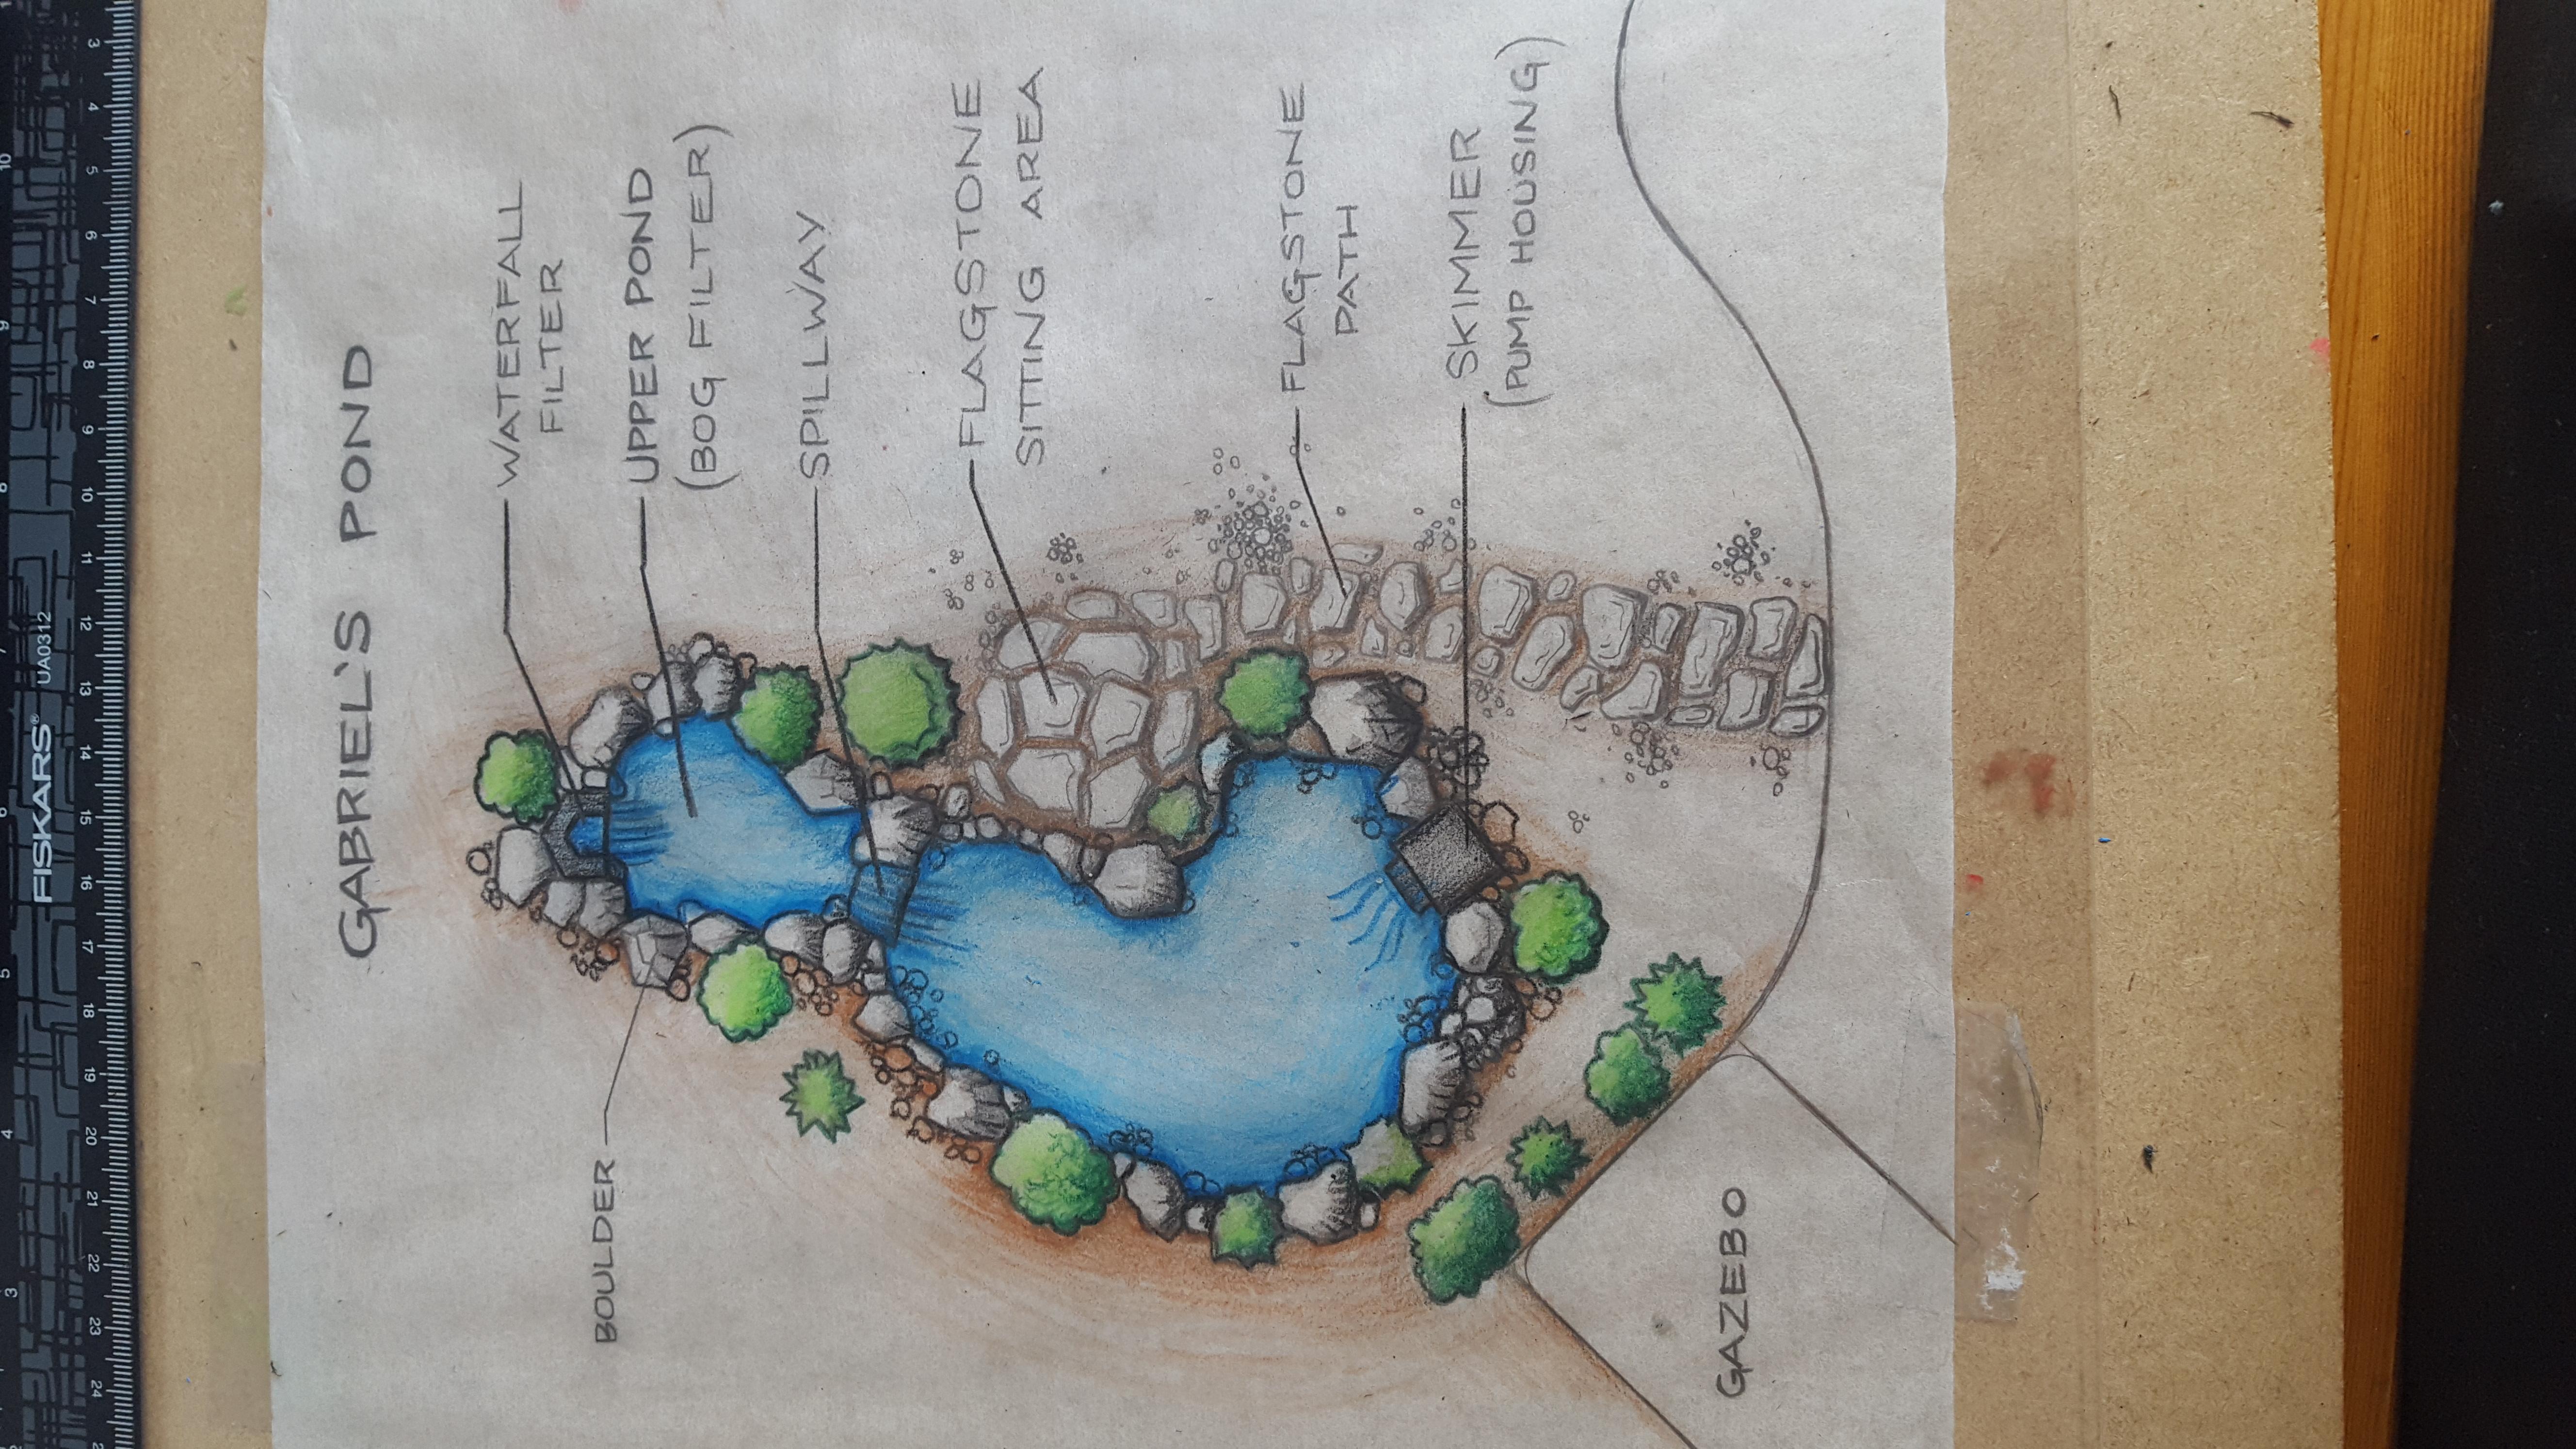 Large Swim Pond Project - Design